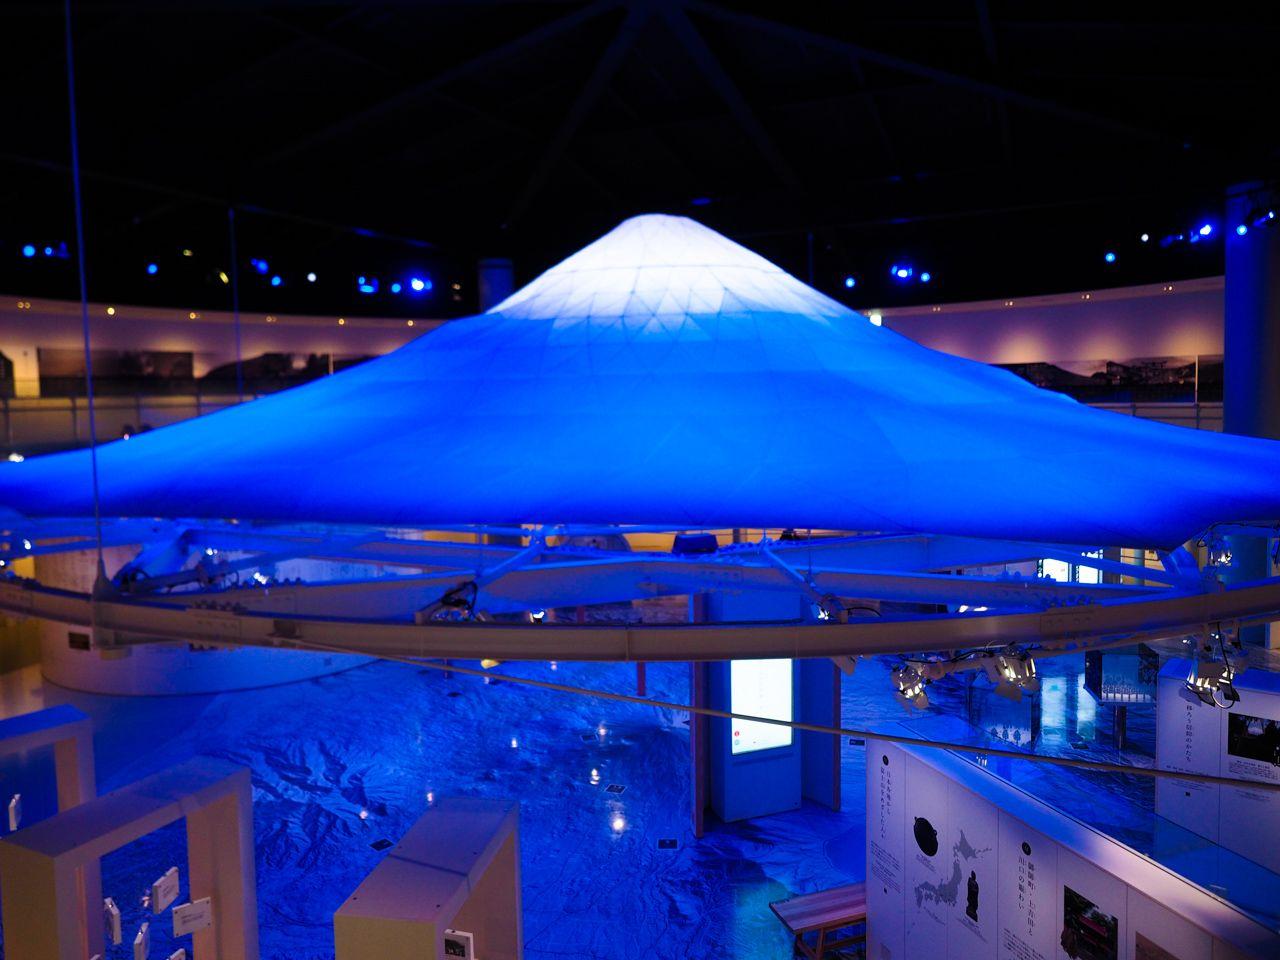 冬でも富士登山が楽しめる?ディープな展示にびっくり